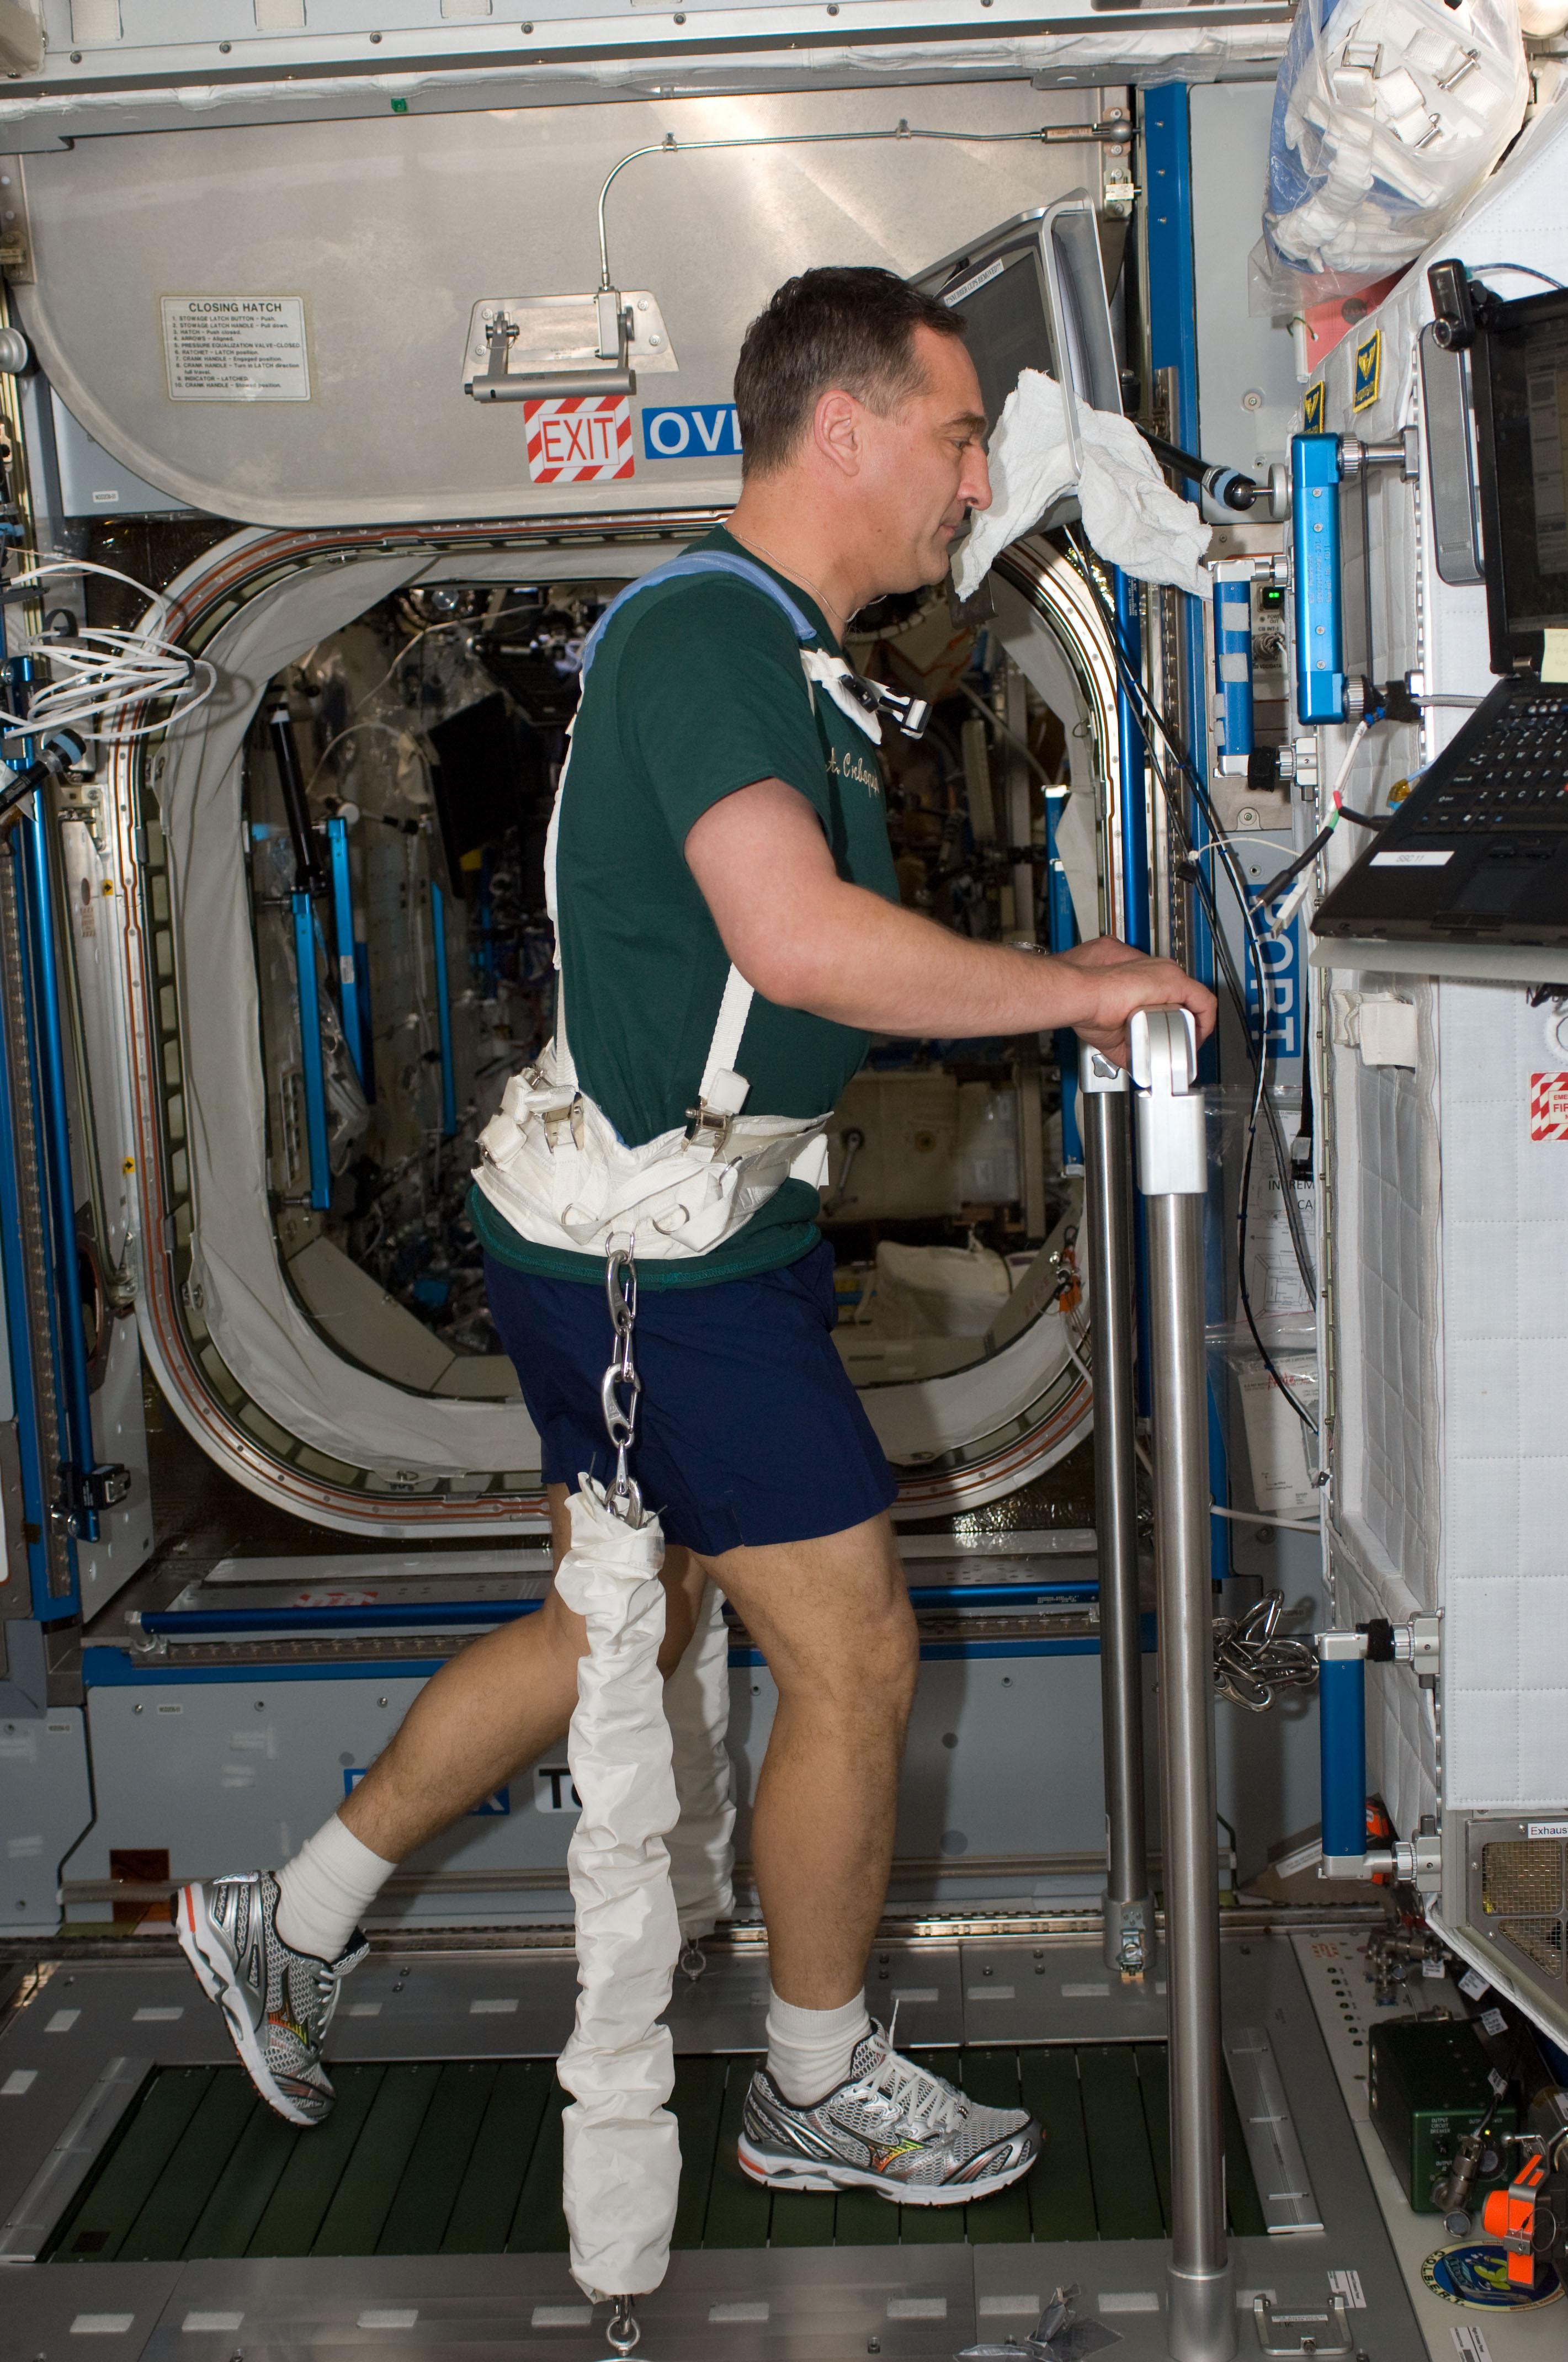 astronaut treadmill workout - photo #2